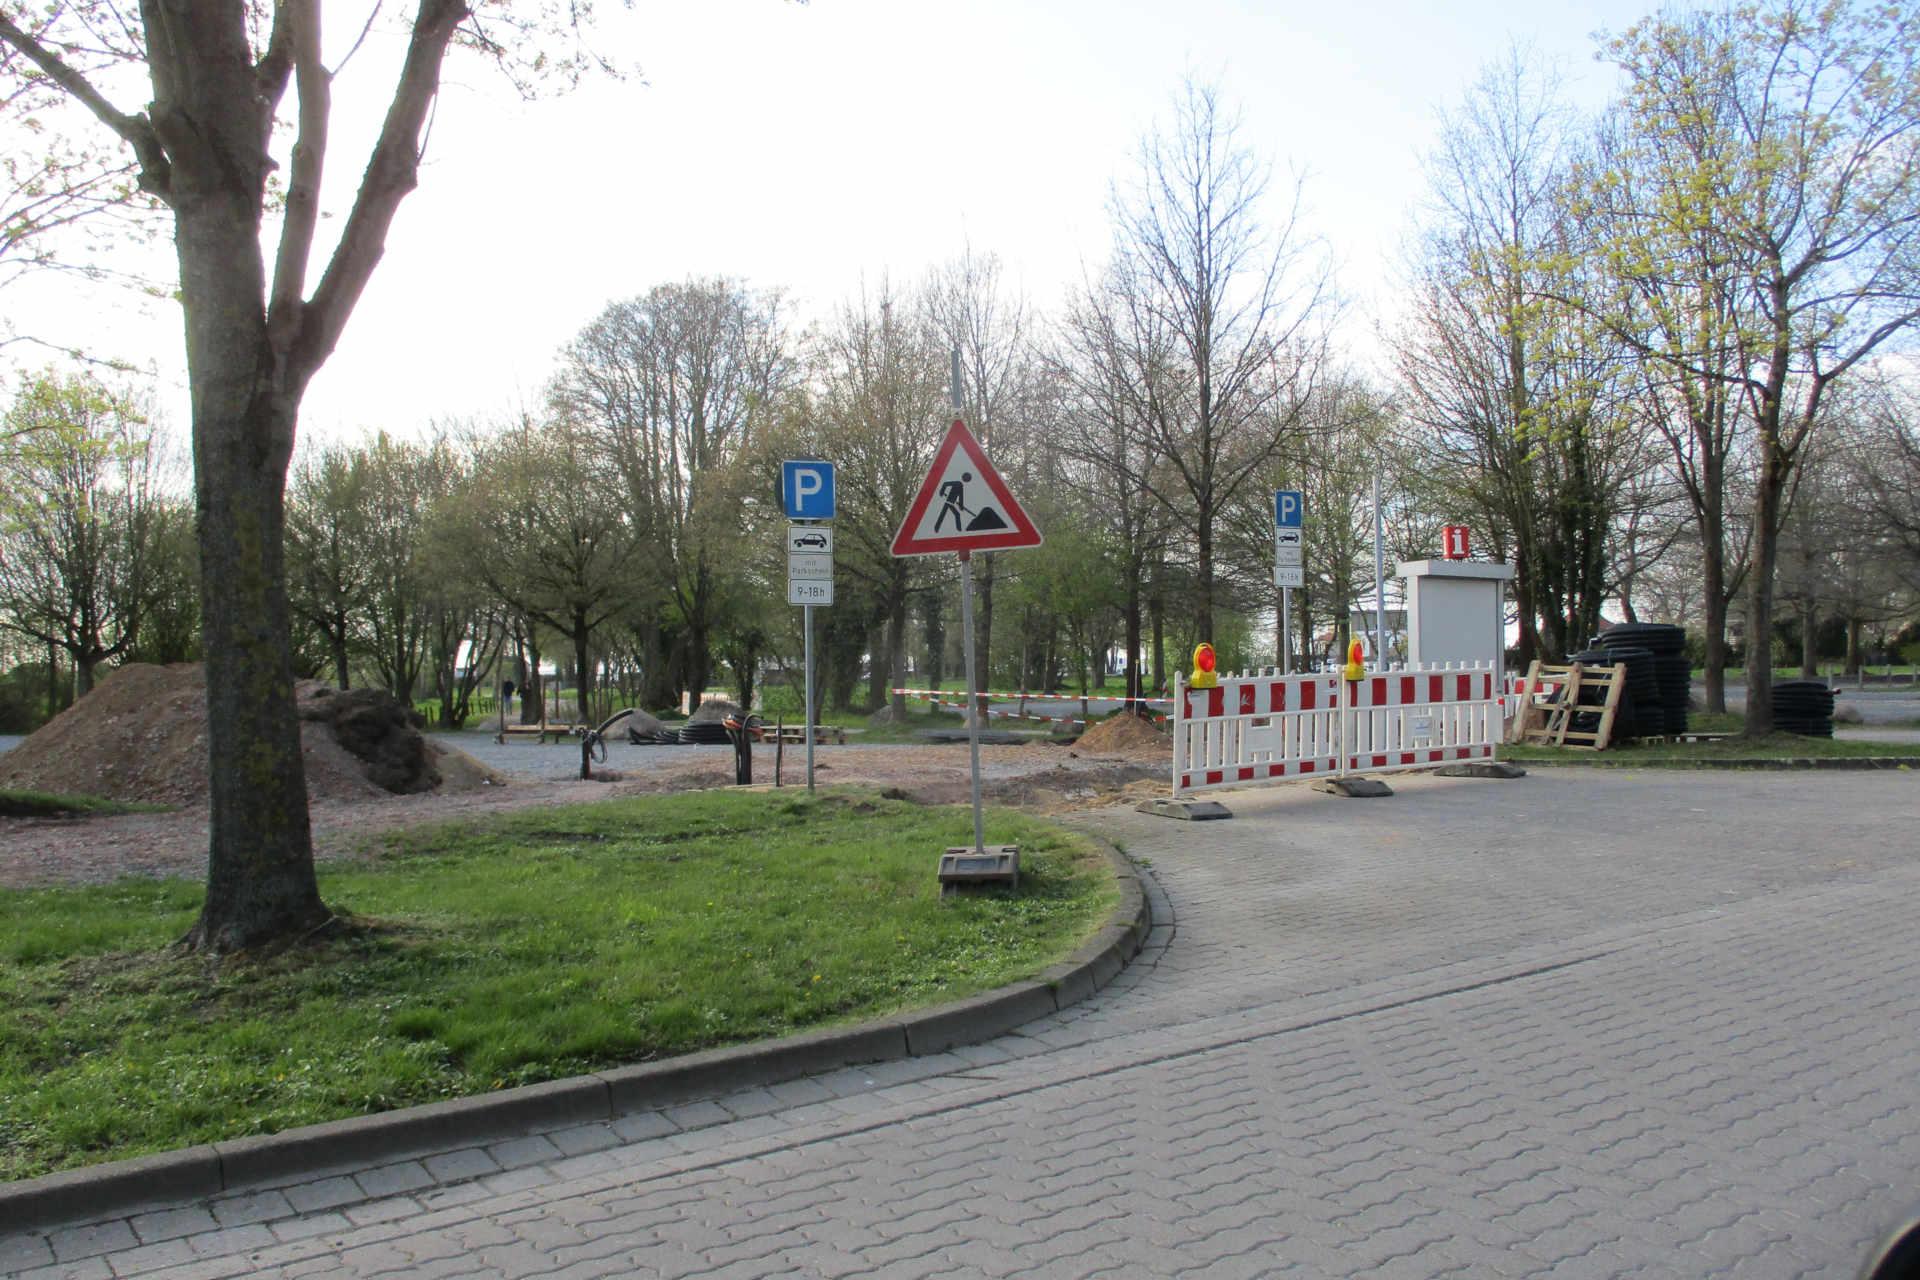 Gesperrter Parkplatz